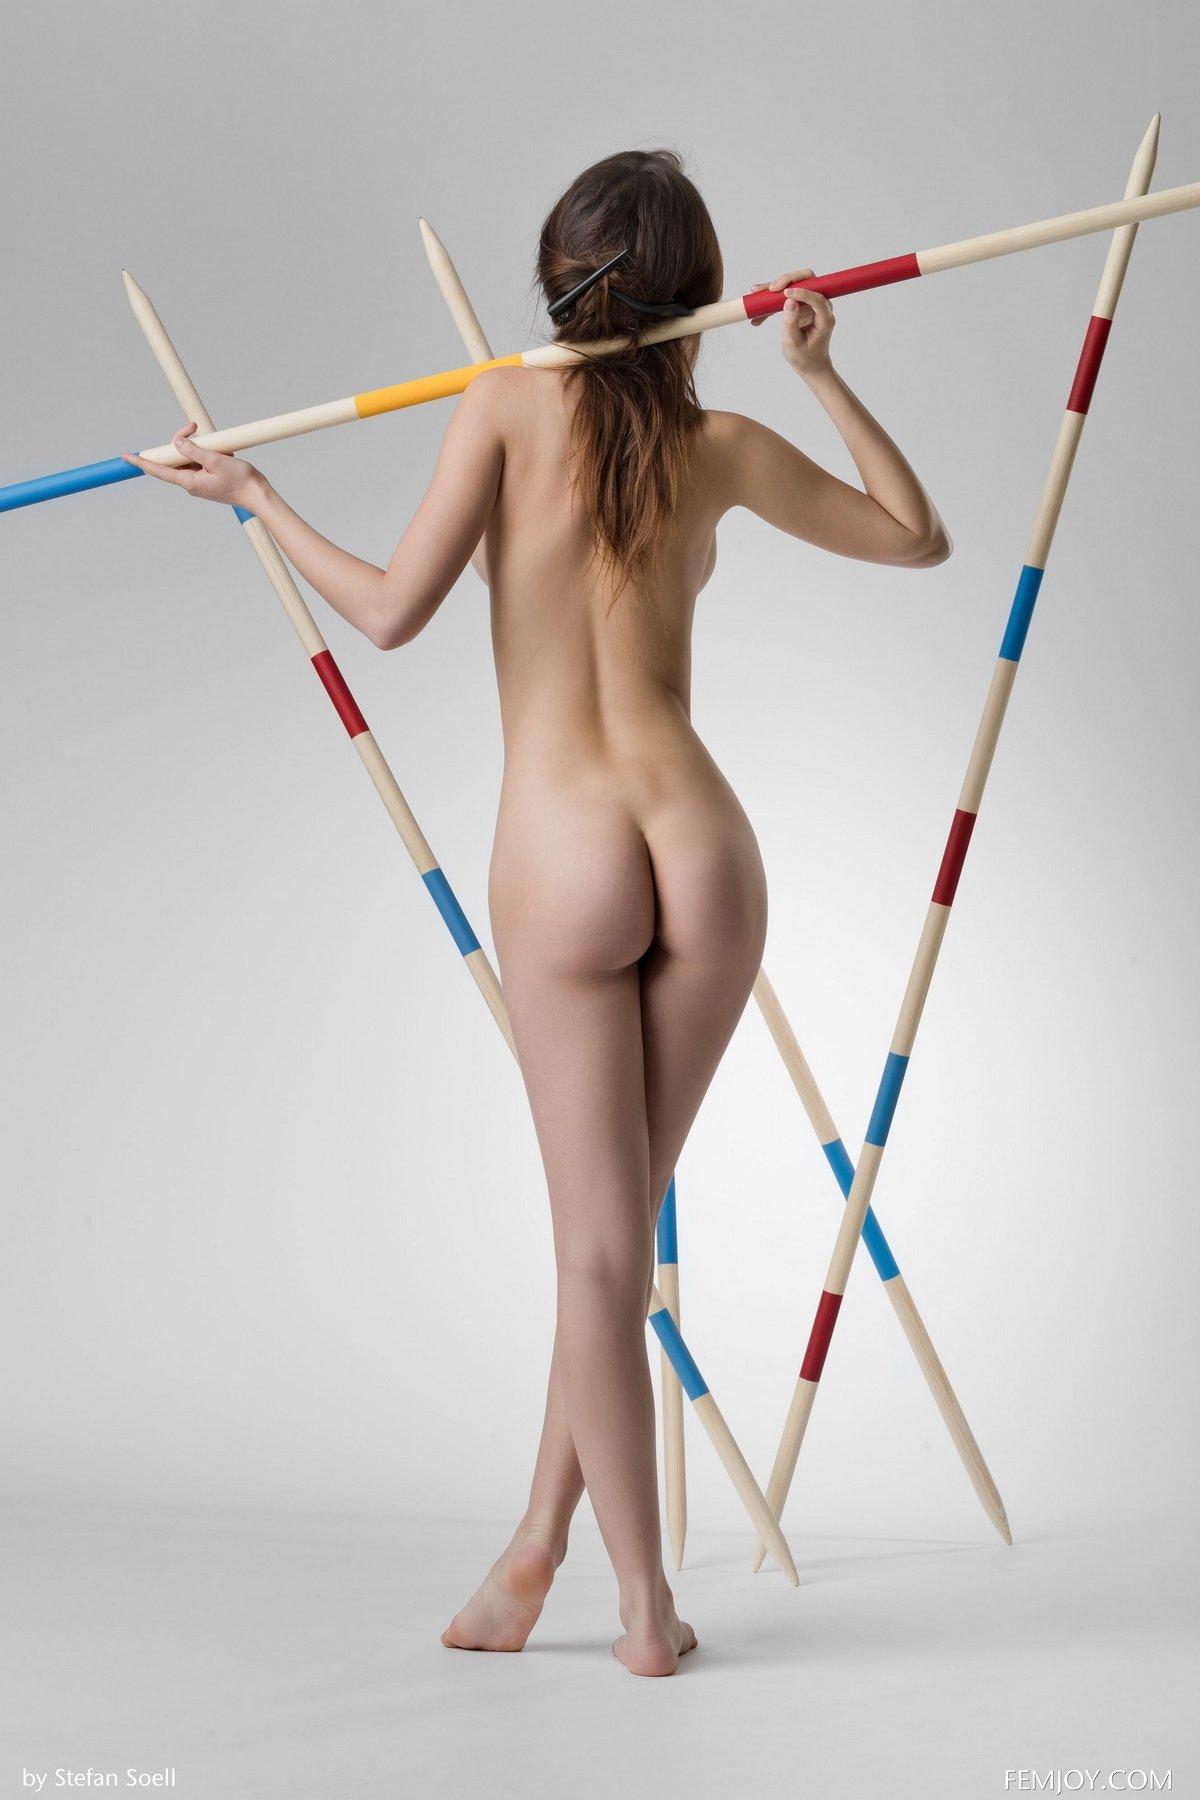 Соблазнительная модель Alisa голая с копьями